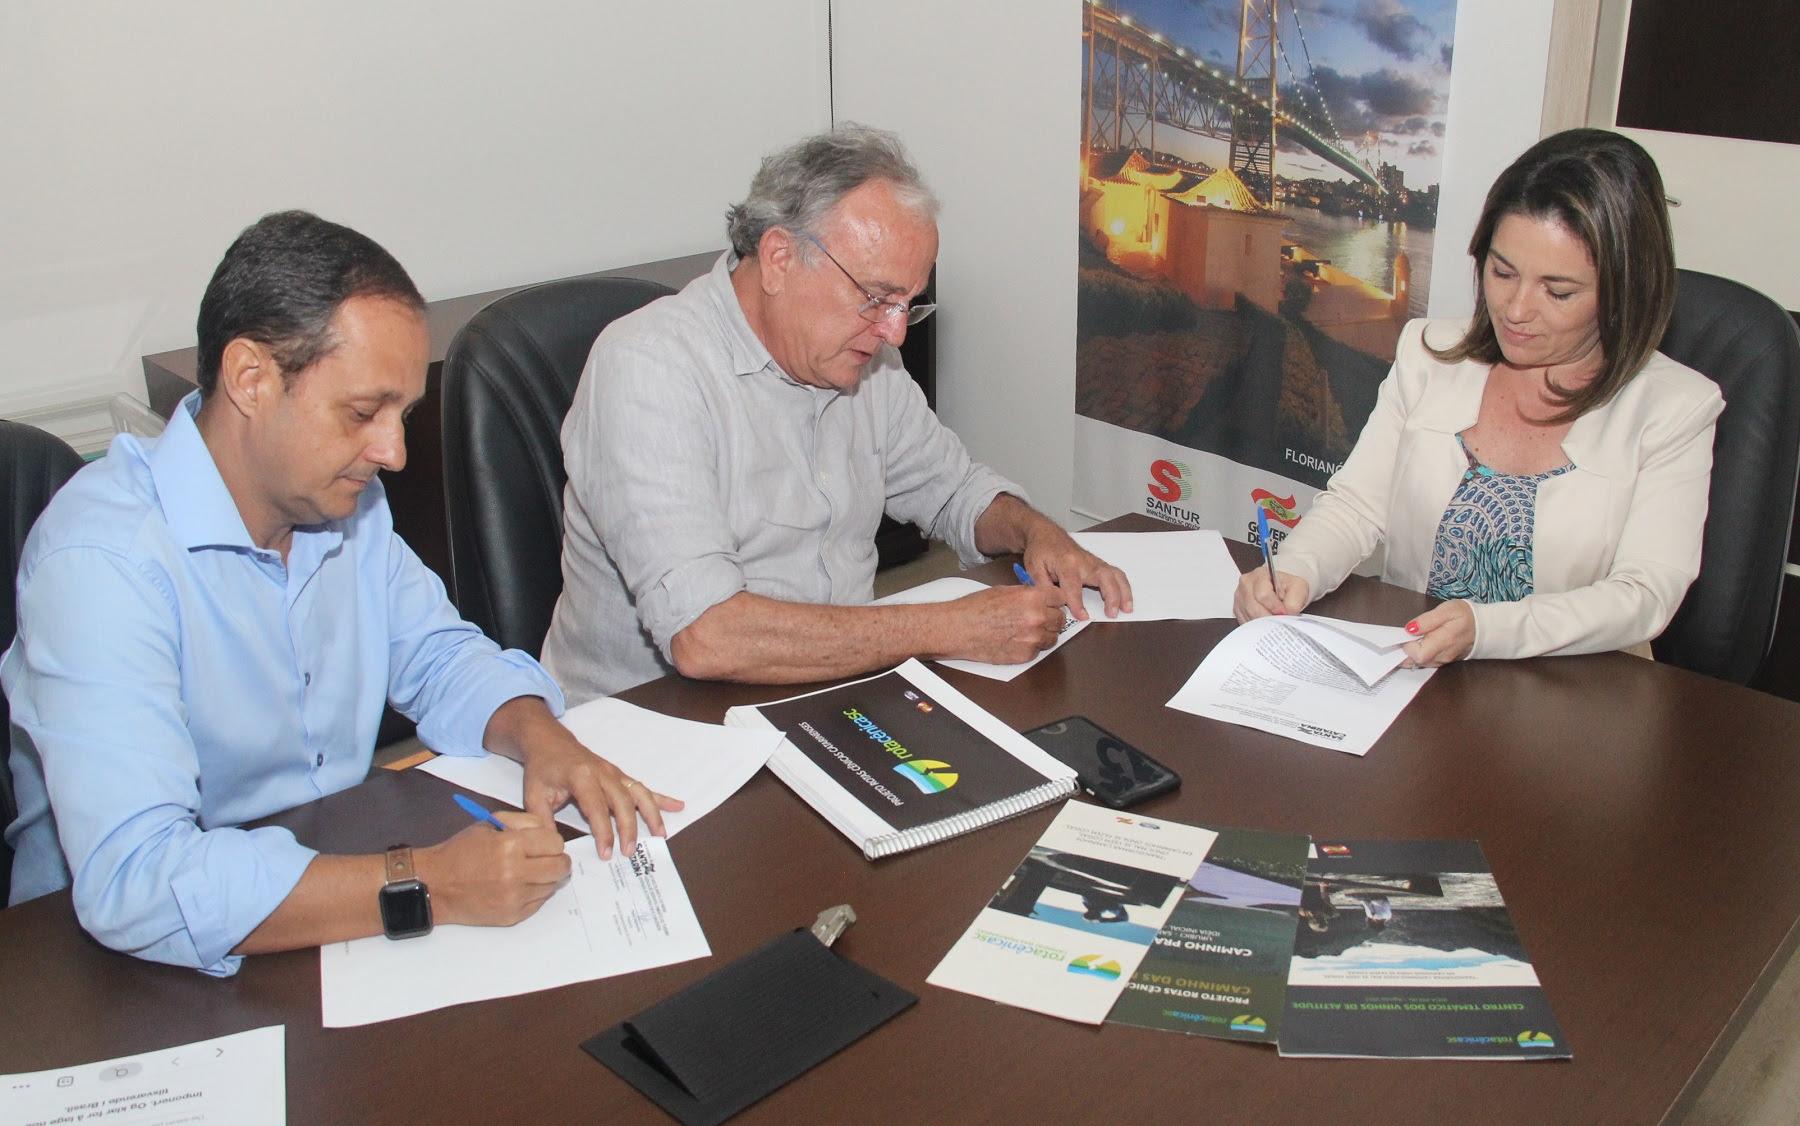 acordo de cooperação técnica entre a Agência de Desenvolvimento do Turismo (Santur) e a empresa Biosfhera Empreendimentos Ambientais para a execução do projeto Rotas Cênicas Catarinenses